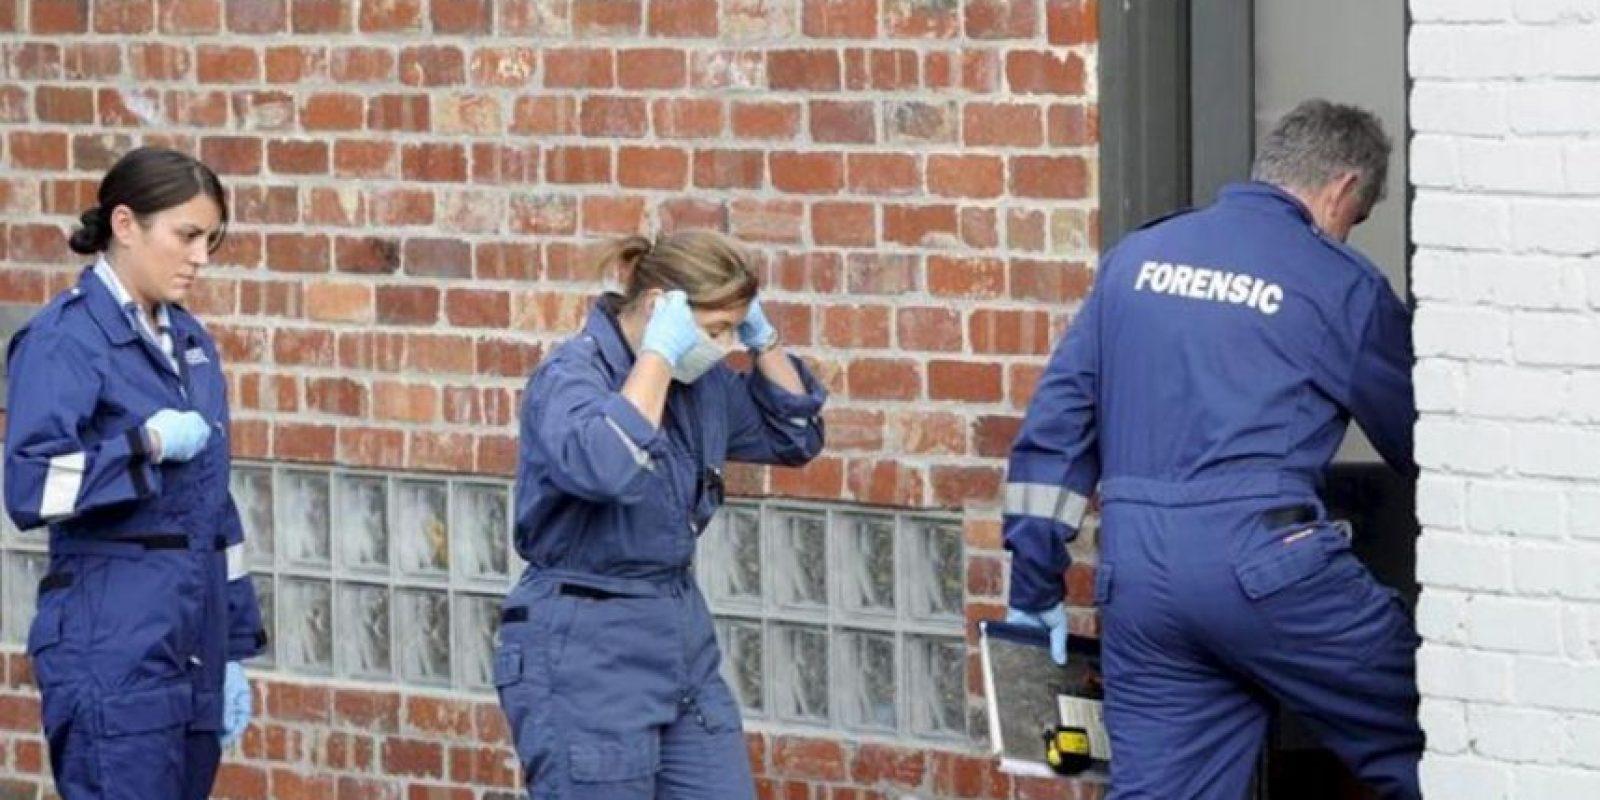 Miembros de la policía forense llegan a una casa de un suburbio de Melbourne (Australia), donde hoy, 19 de abril de 2012, fue hallado muerto, por un grupo de amigos, el músico Greg Ham, de la banda de rock australiana Men At Work, a la edad de 58 años. EFE